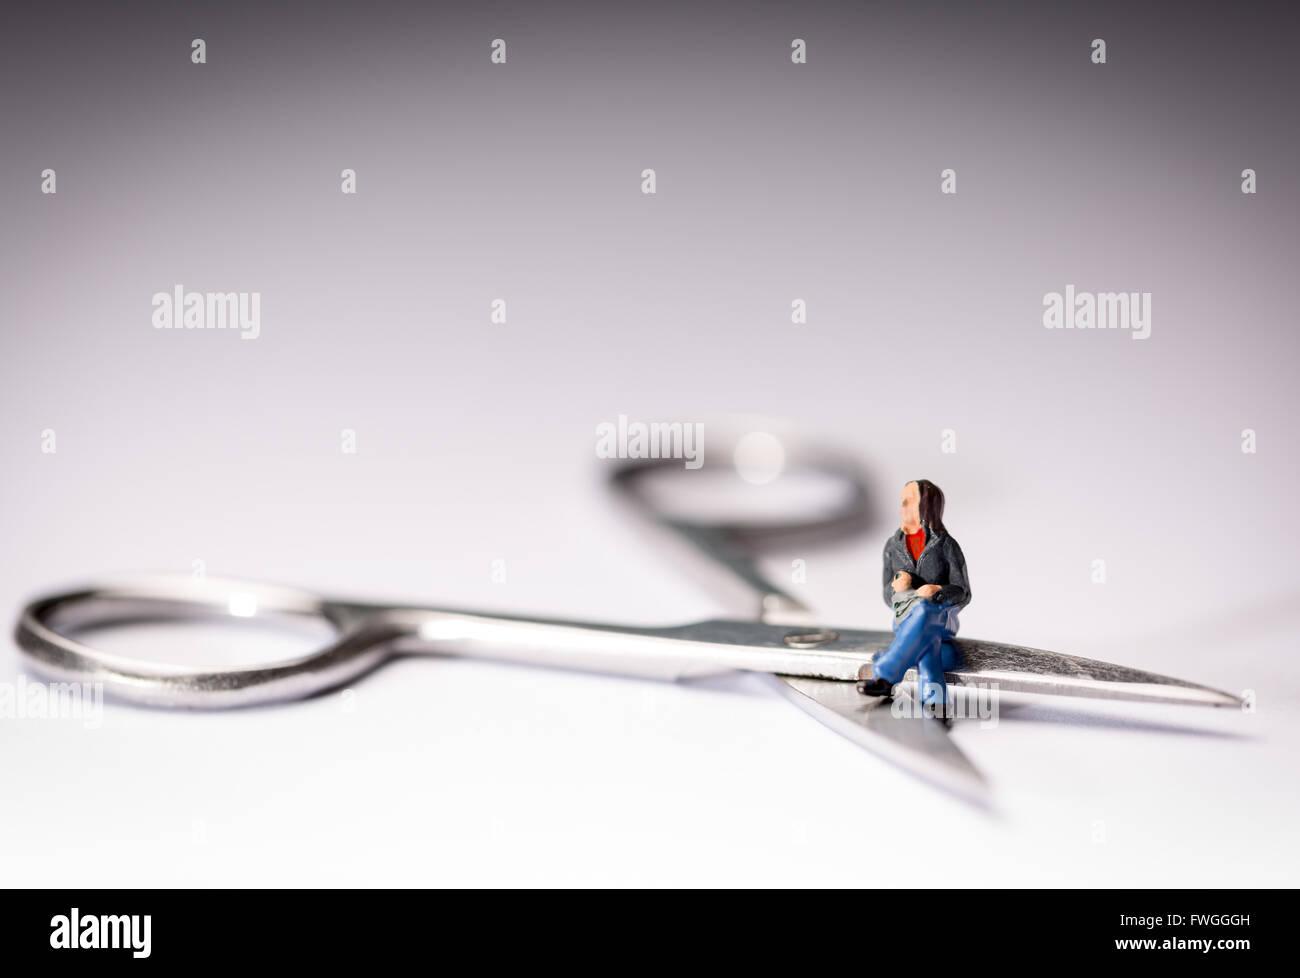 Concepto de imagen de la vasectomía una miniatura figura sat piernas cruzadas en un par de tijeras Imagen De Stock